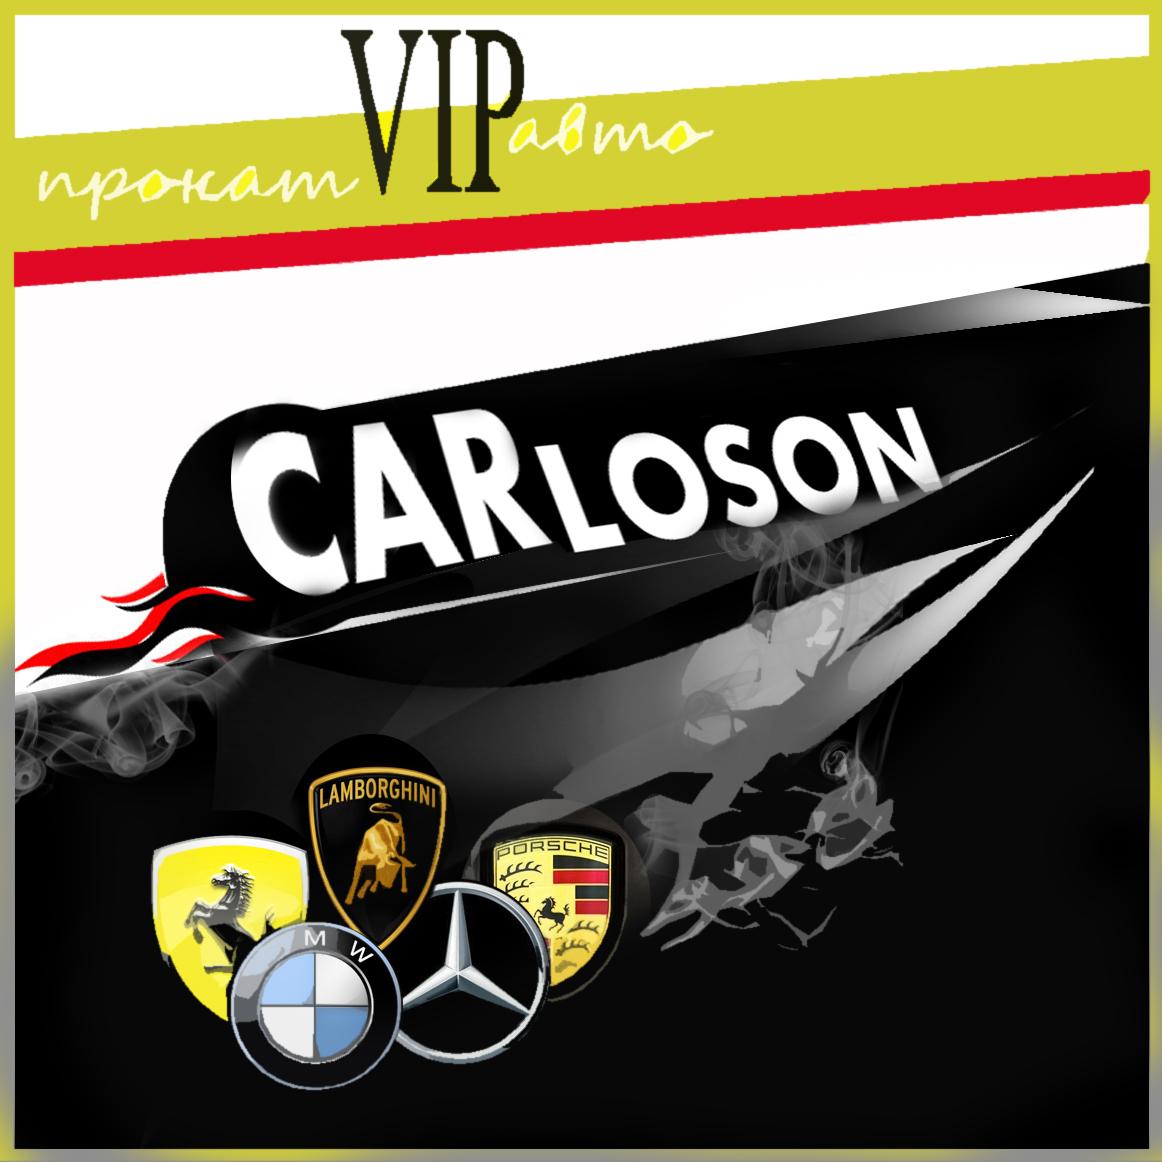 Логотип для компании по прокату  VIP автомобилей фото f_6395adc67cdbf6f3.jpg